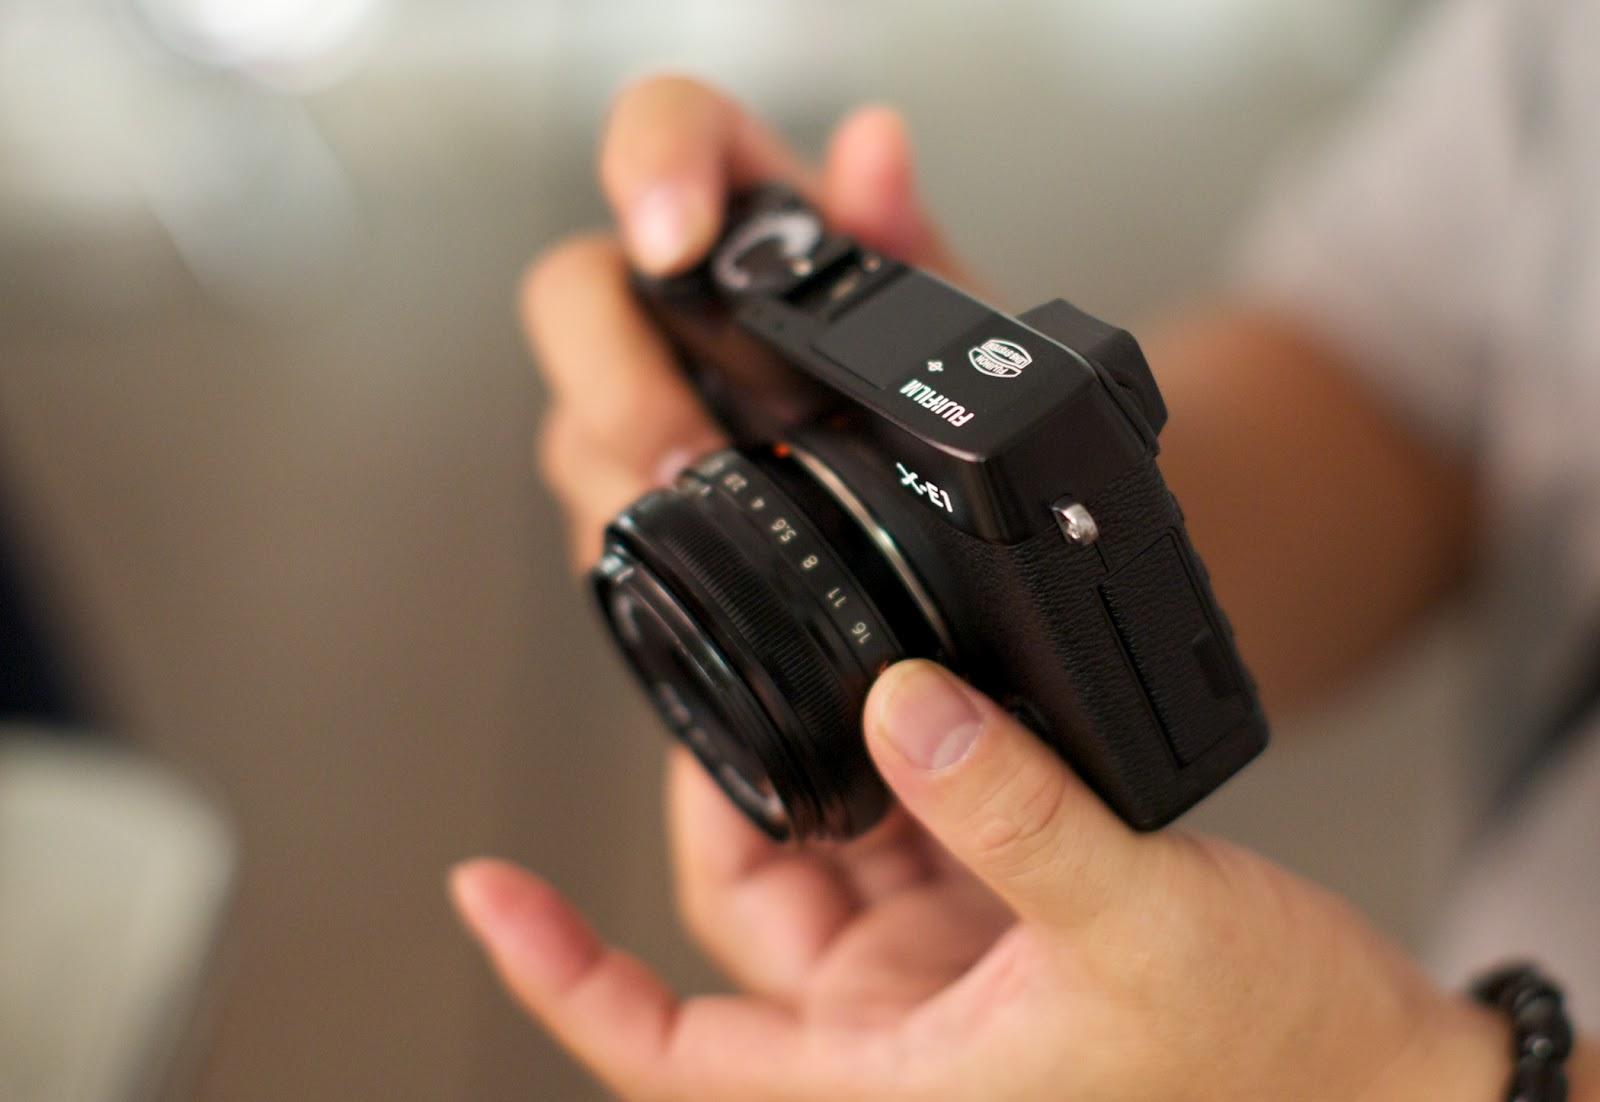 http://3.bp.blogspot.com/-y6Lz8pgyJ_c/UEiUATqV3FI/AAAAAAAAWxQ/cLxUJ_kn-kg/s1600/2012-09-05Fujifilm+E-X1+Visit511.jpg